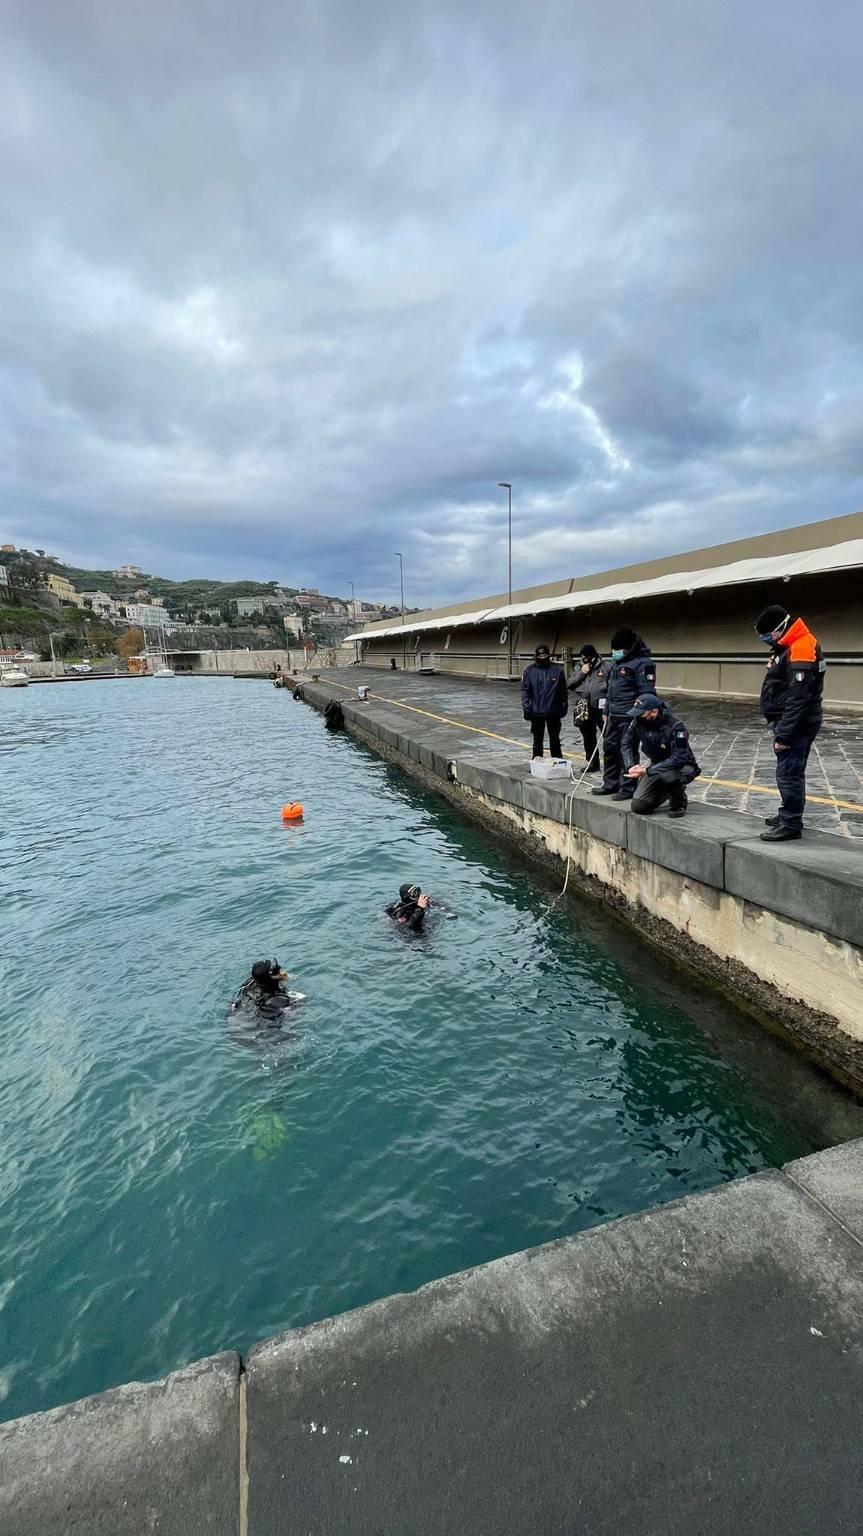 Corpo balenottera individuato a 20 metri di profondità nel porto di Sorrento.